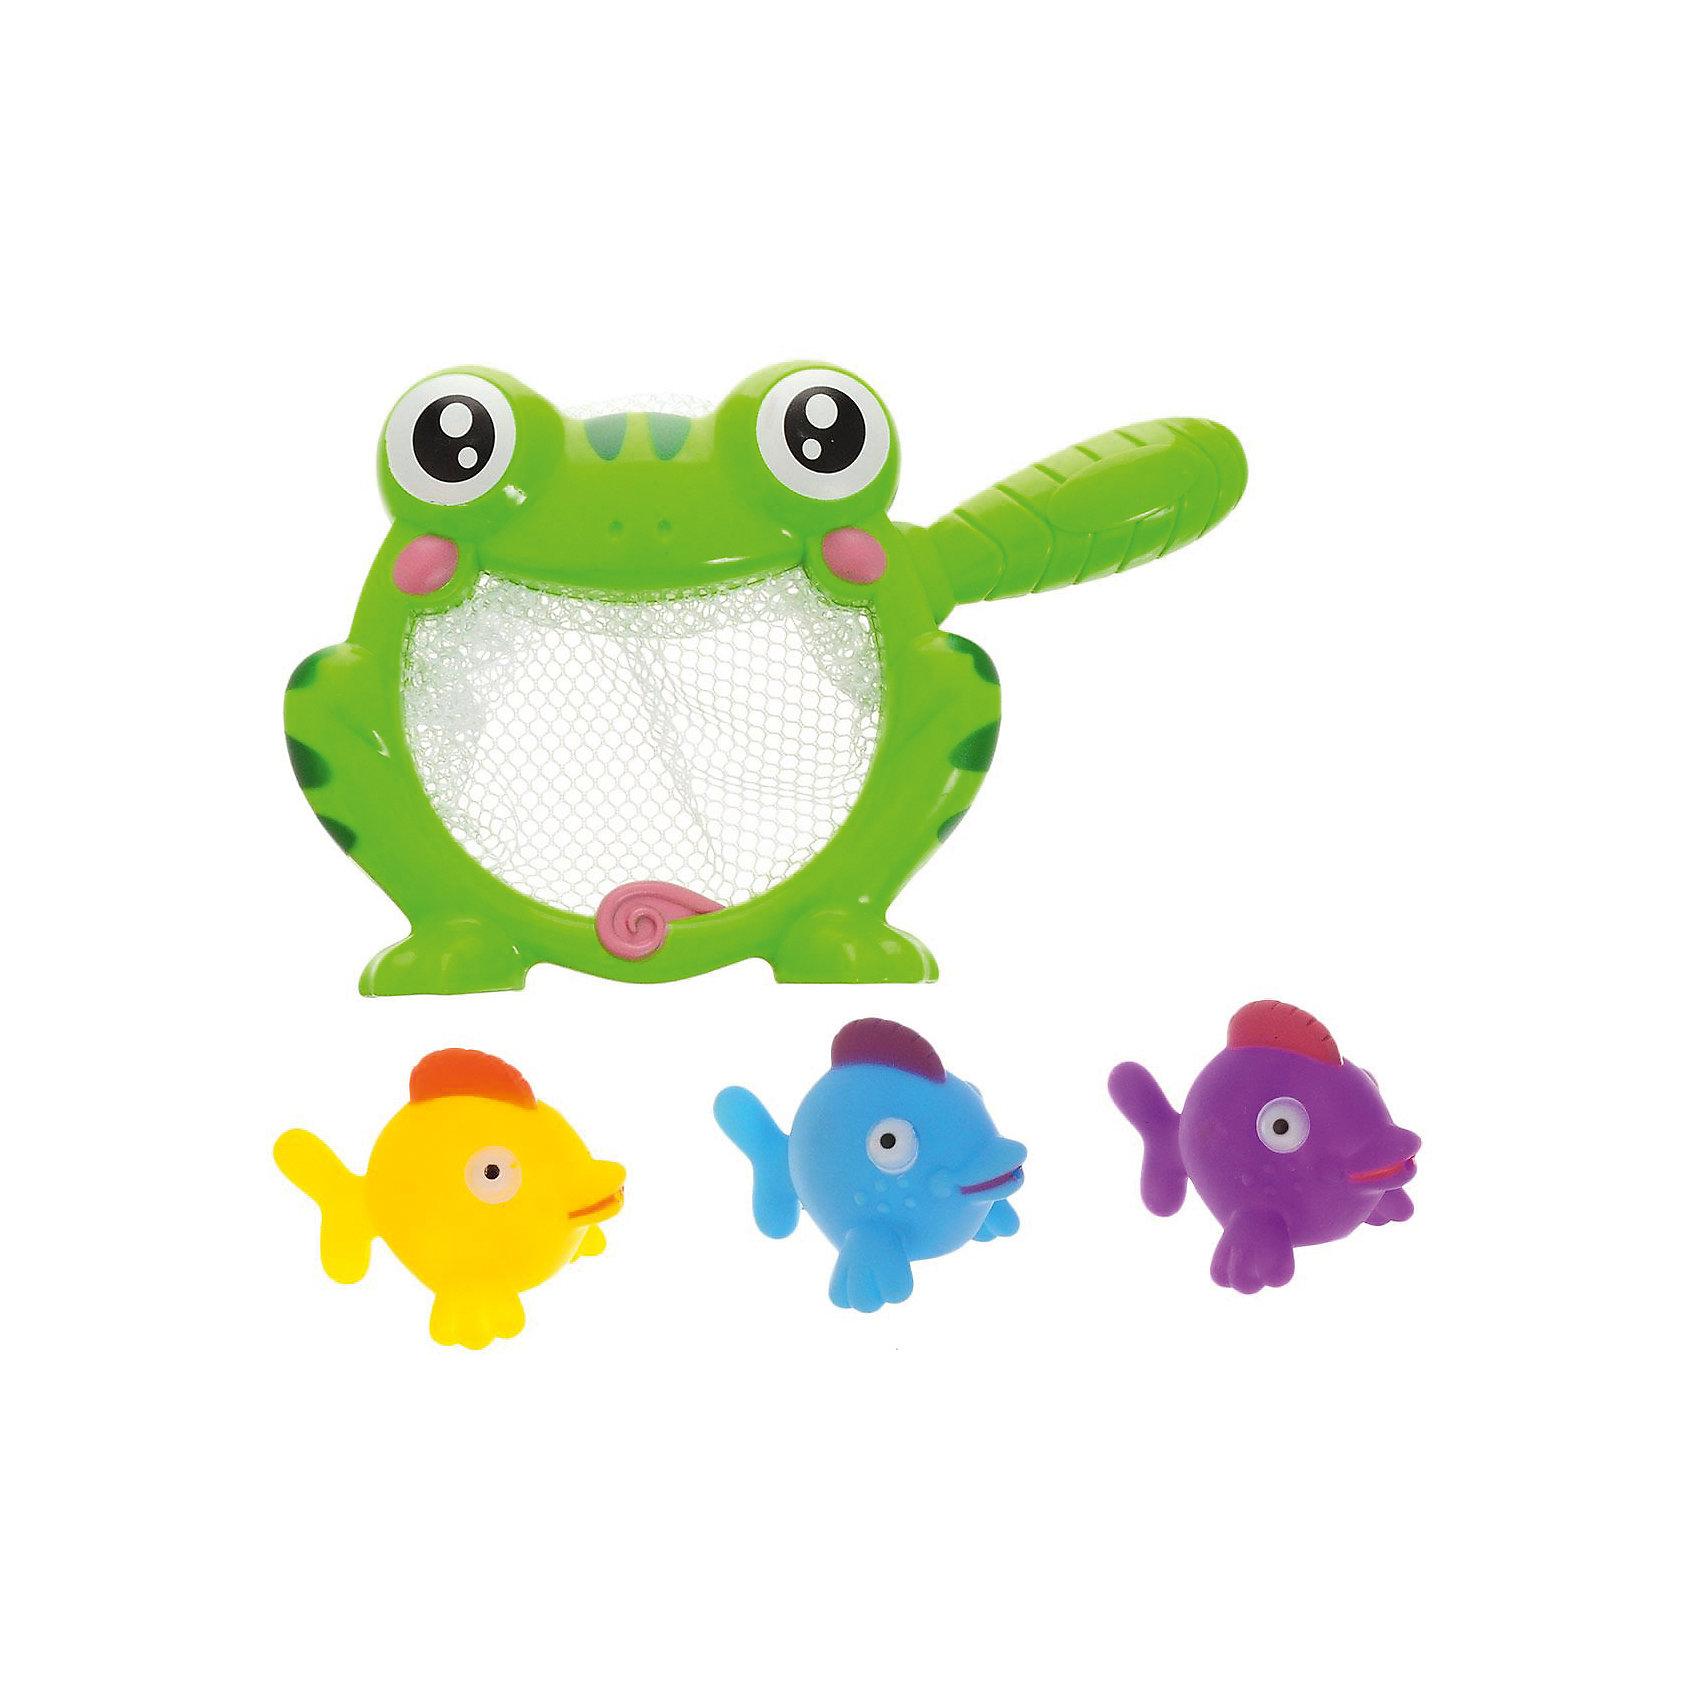 Набор резиновых игрушек для ванной Веселое купание: 3 рыбки и лягушка-сачок, 4 предм., ABtoysИгрушки для ванной<br>Веселое купание. Резиновые игрушки для ванной, в.наборе 4 шт. (3 рыбки и лягушка-сачок), на блистере, 21,5x4,6x5 см<br><br>Ширина мм: 215<br>Глубина мм: 46<br>Высота мм: 50<br>Вес г: 162<br>Возраст от месяцев: 36<br>Возраст до месяцев: 96<br>Пол: Унисекс<br>Возраст: Детский<br>SKU: 5500924